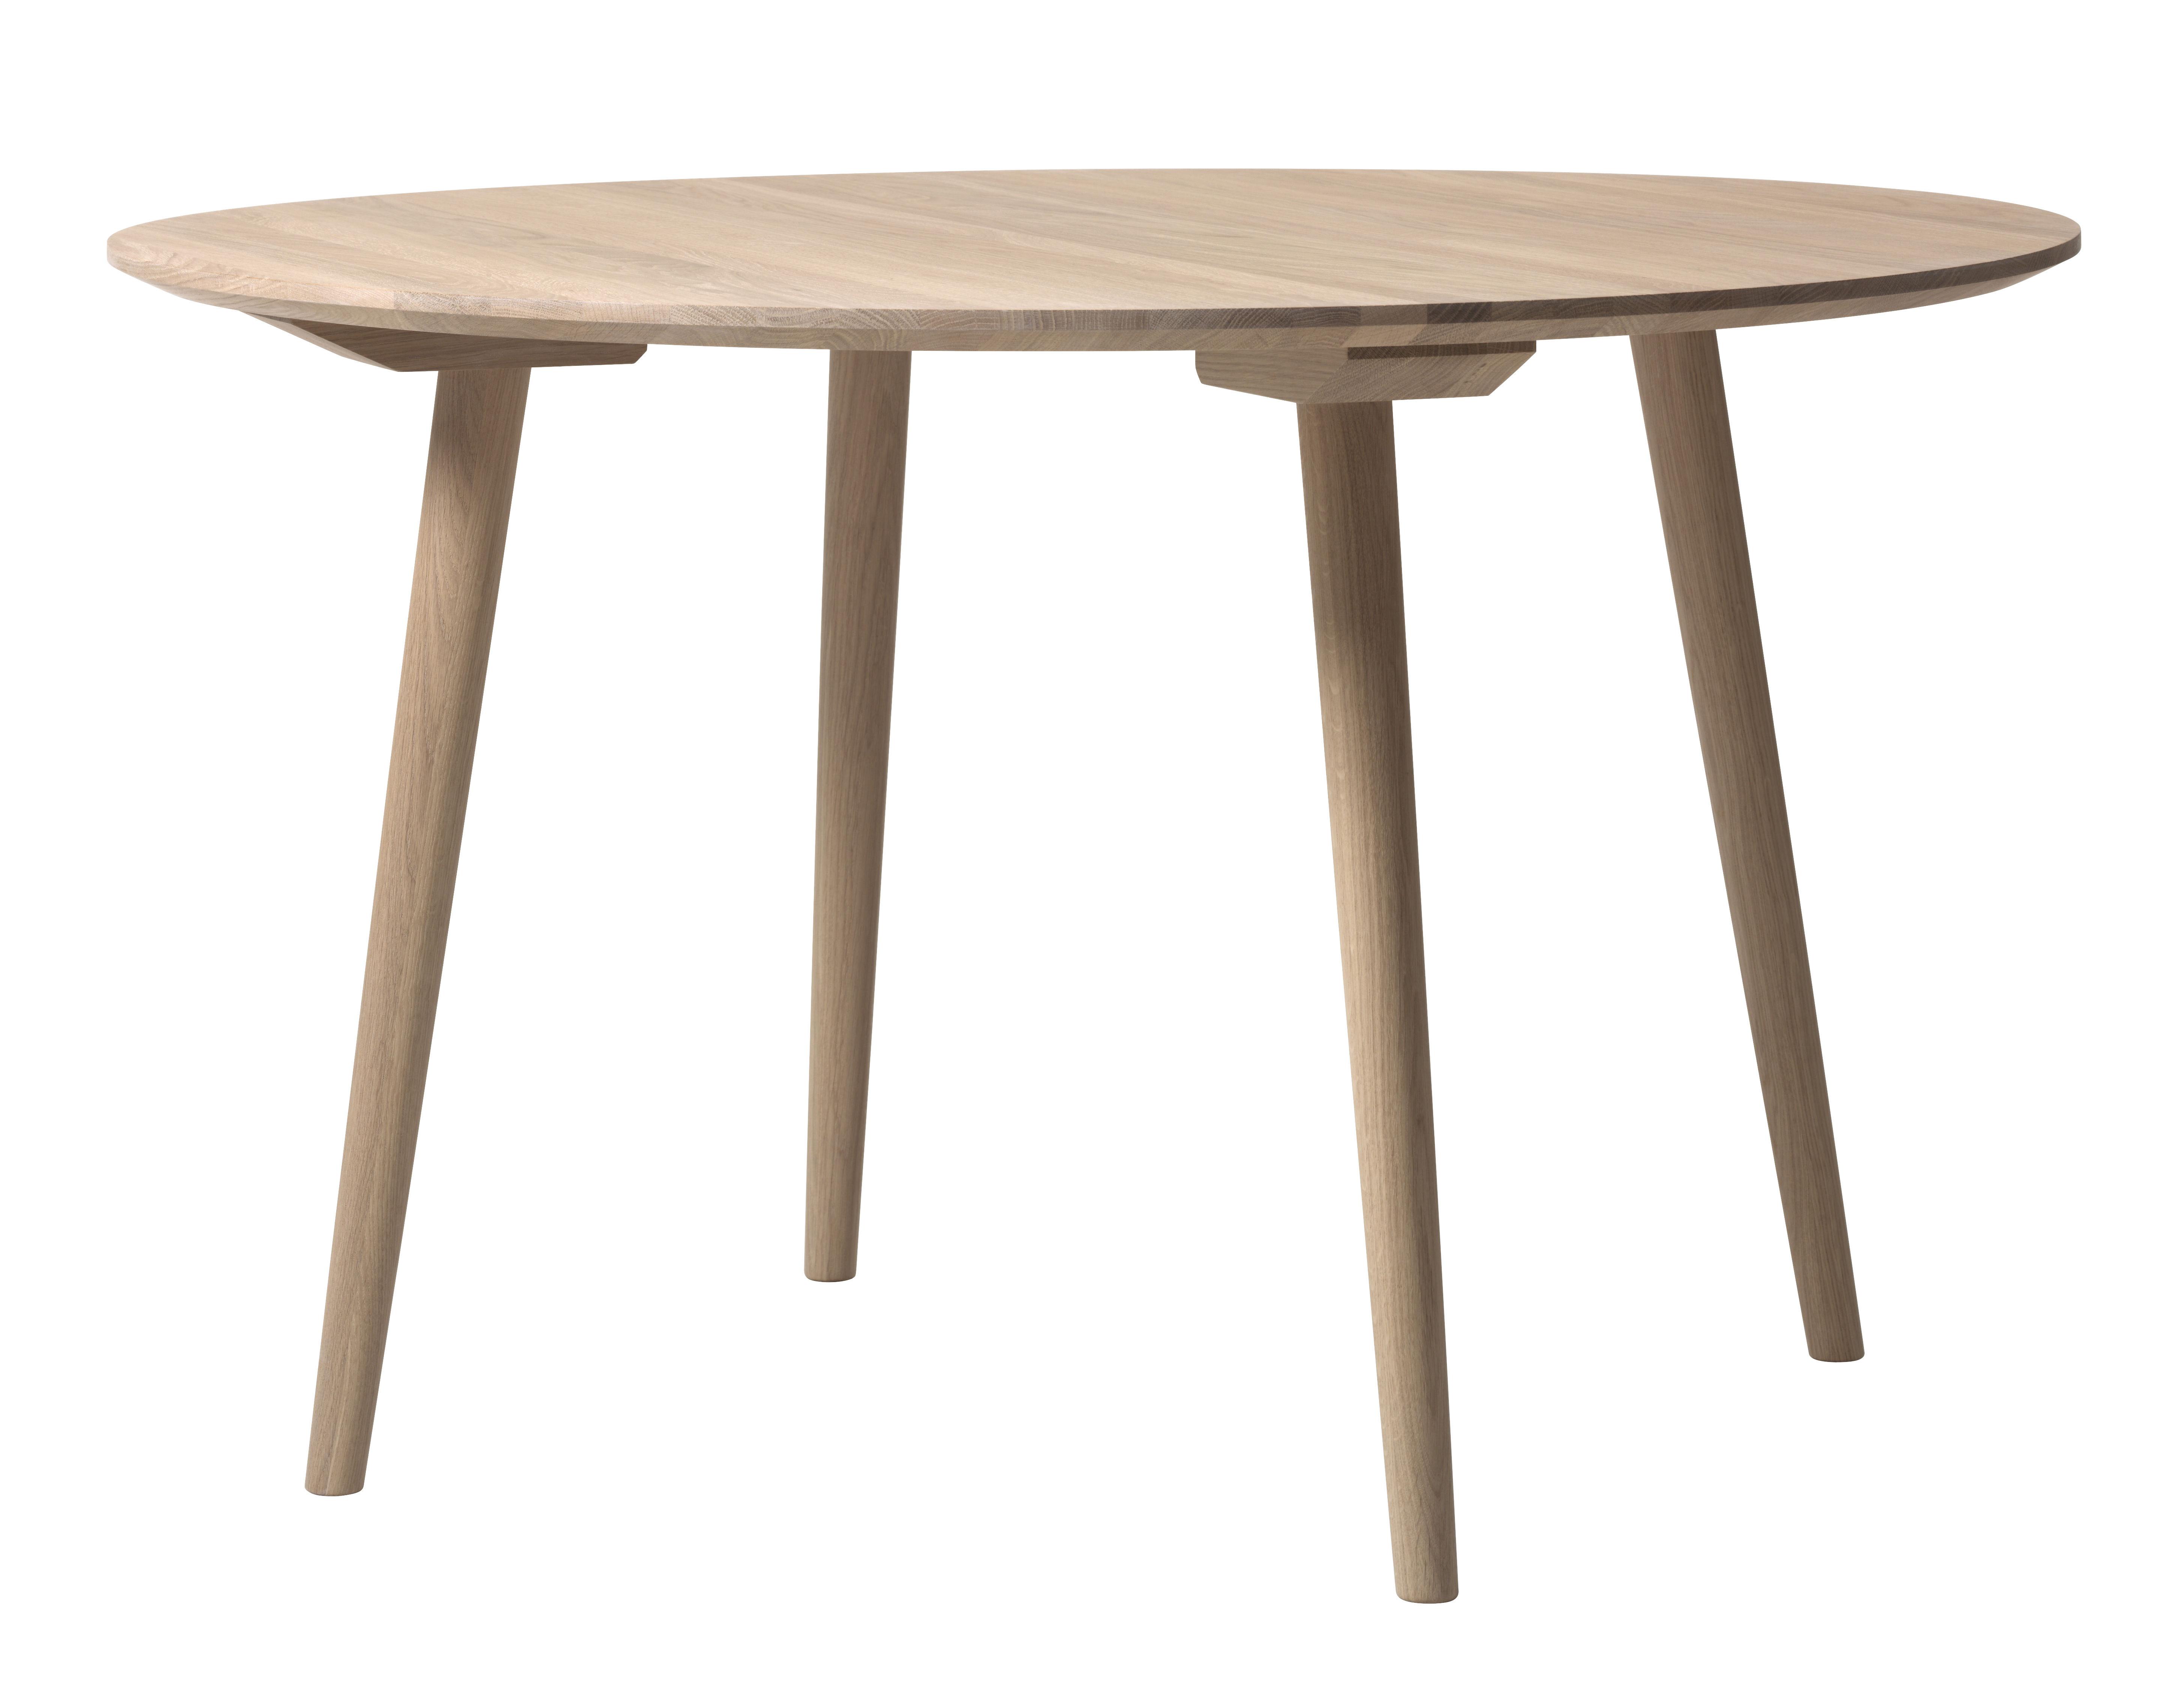 Mobilier - Tables - Table ronde In Between / Ø 120 cm - Chêne - &tradition - Chêne blanchi - Chêne huilé blanchi